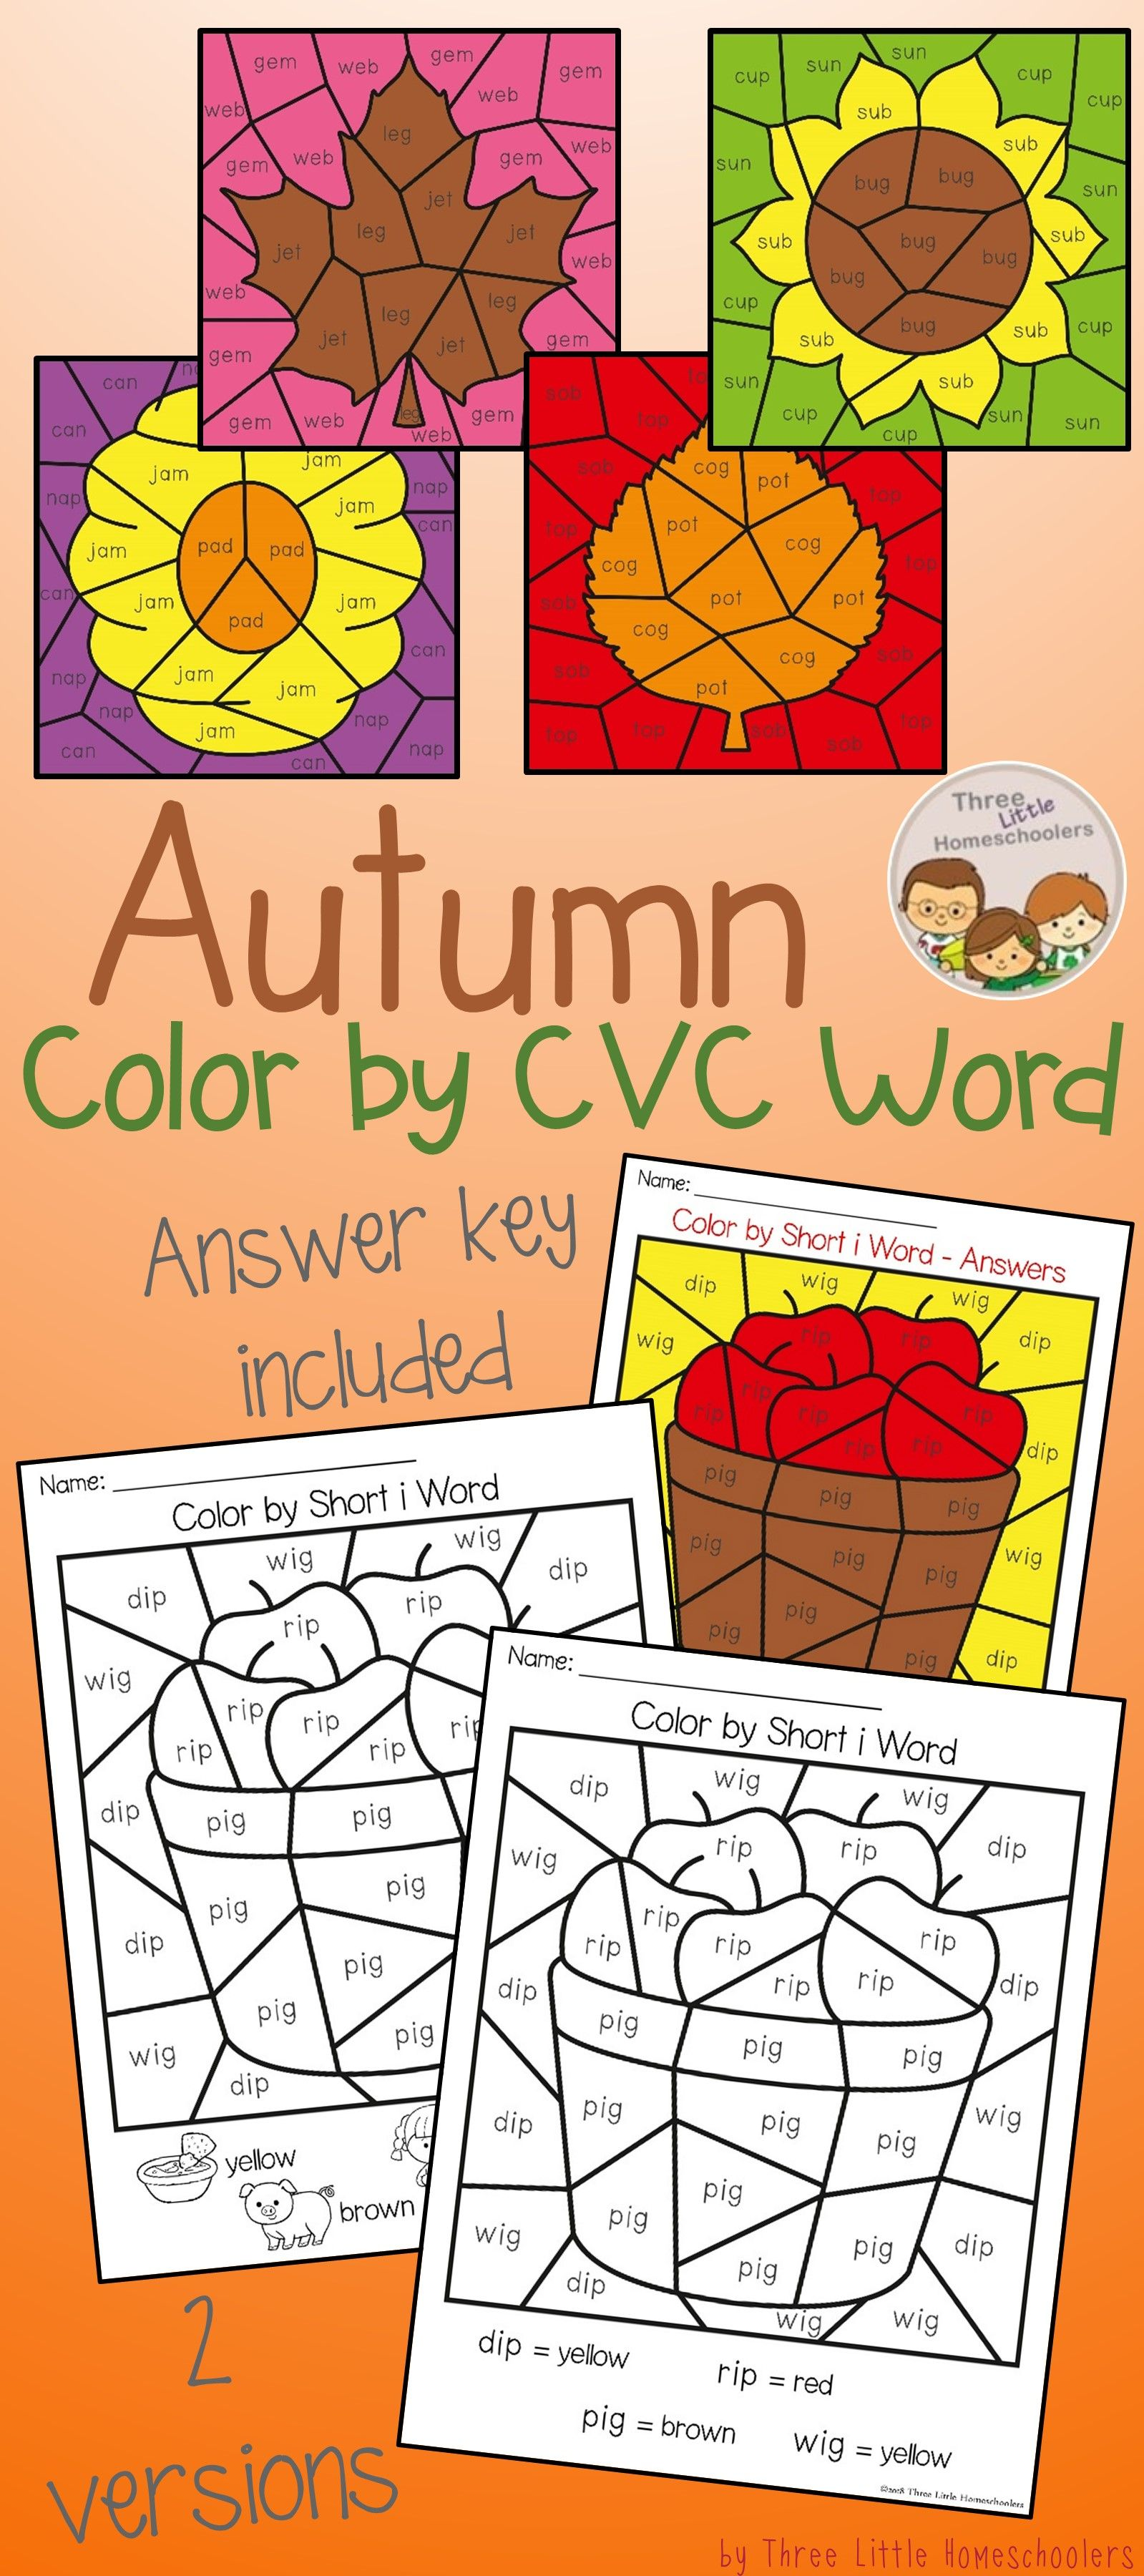 Autumn Color By Cvc Word